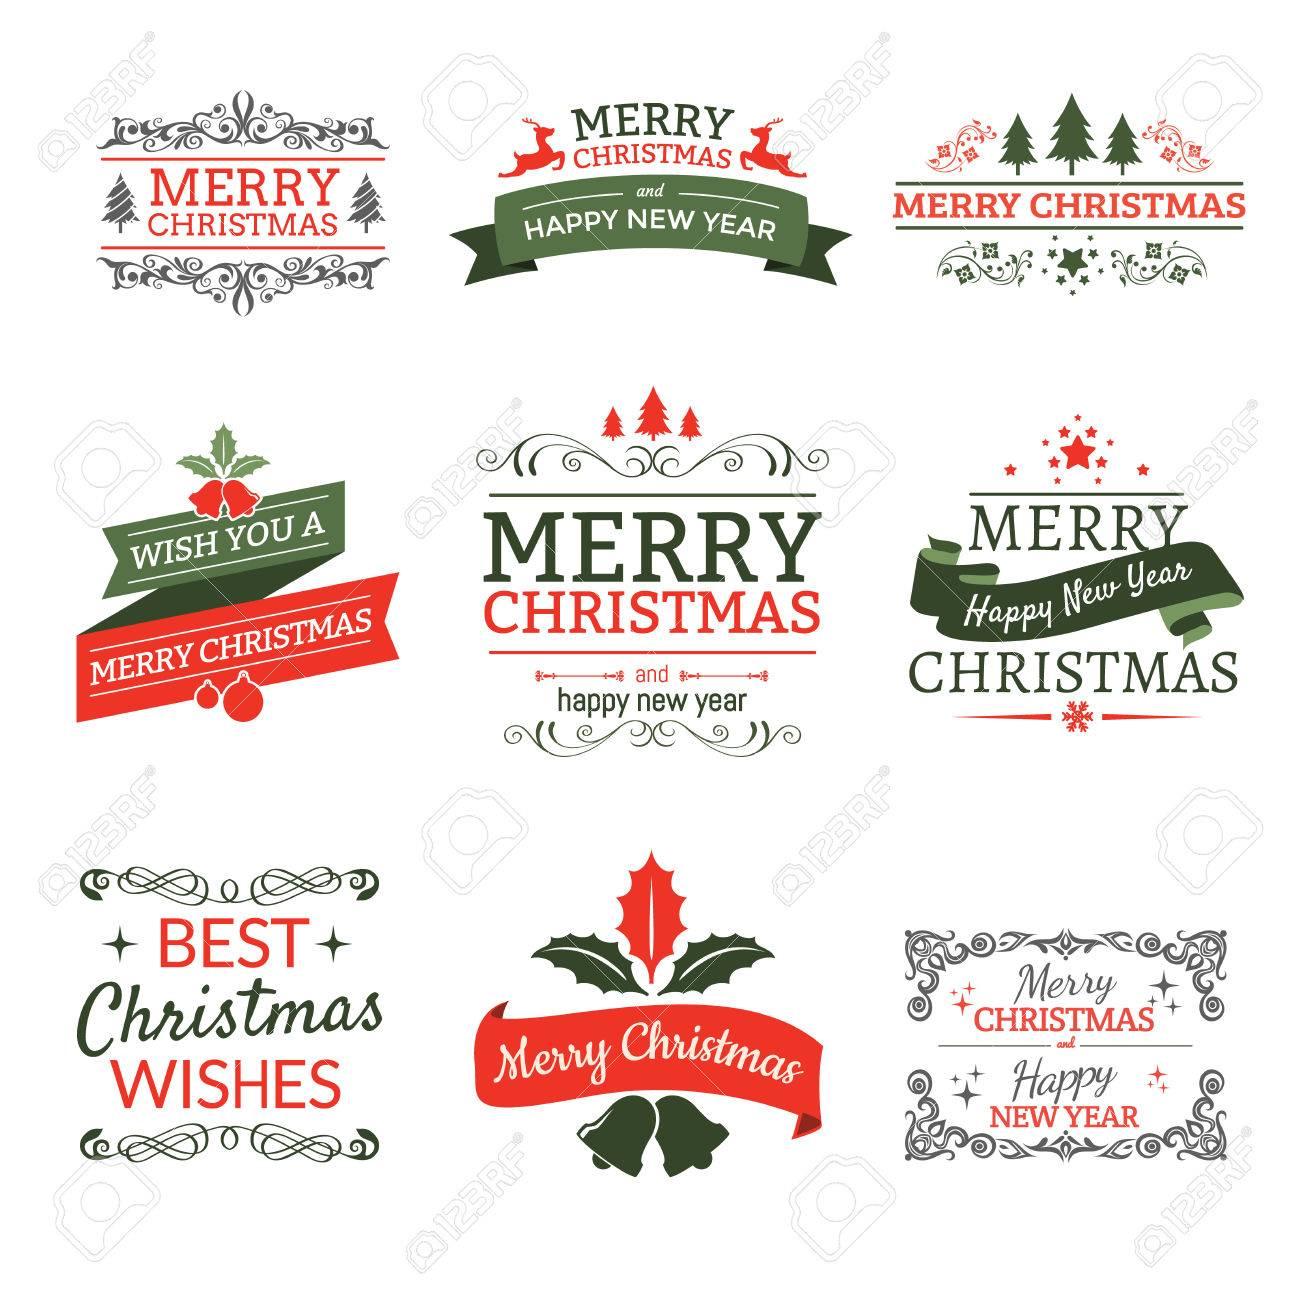 Elementos Tipogrficos Navidad Etiquetas Y Cintas Adornos De poca